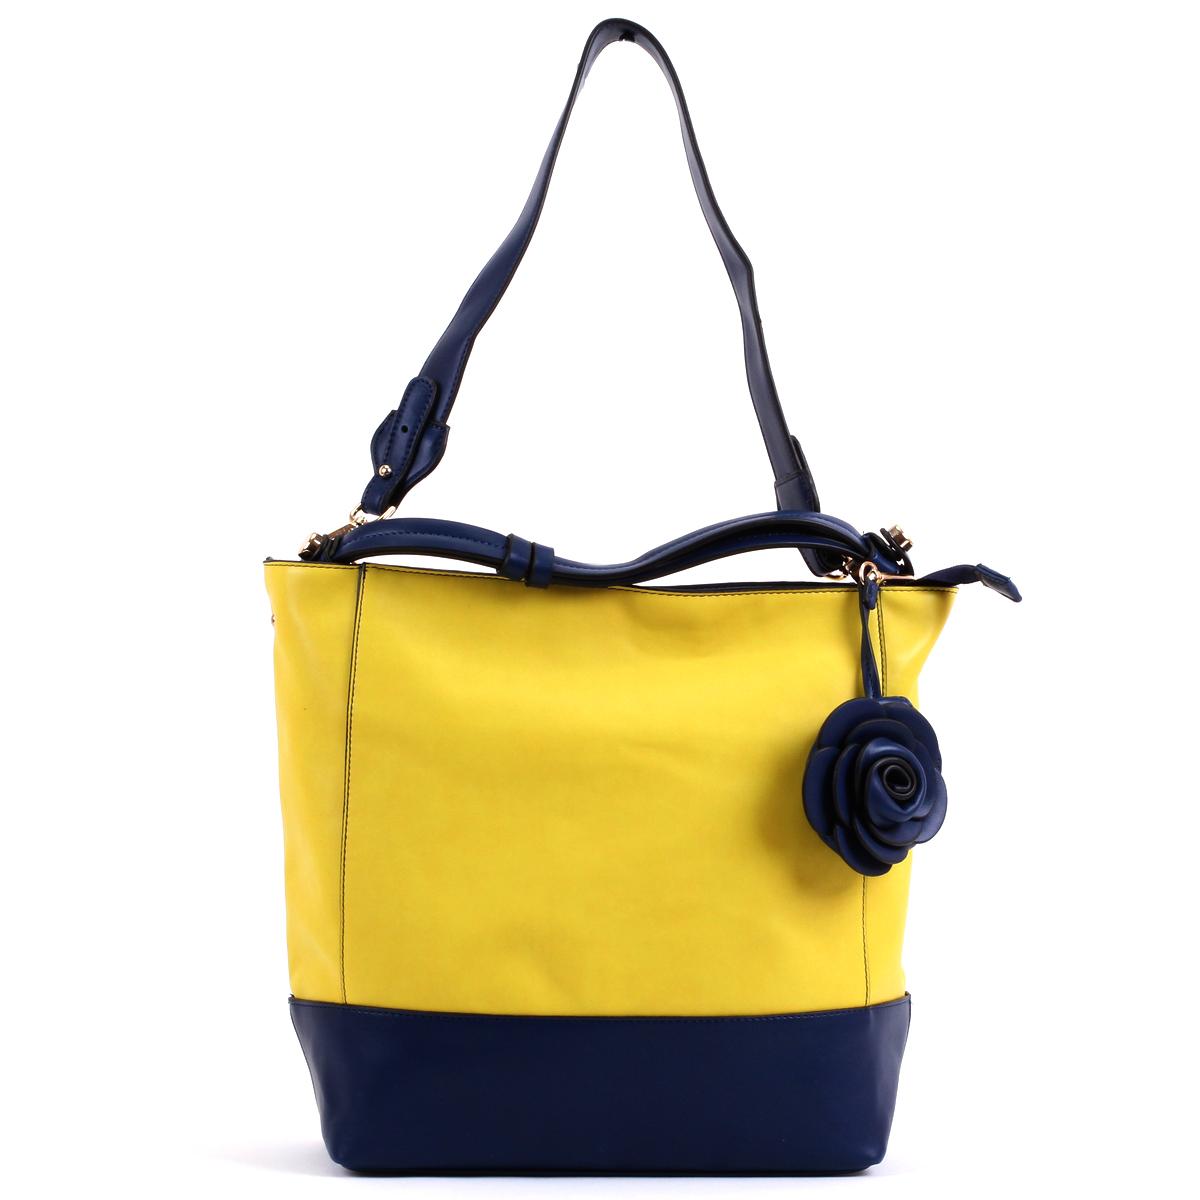 Сумка женская Leighton, цвет: желтый, синий. 76553-1092/809/1092/709 ж76553-1092/809/1092/709 жСтильная женская сумка Leighton выполнена из высококачественной искусственной кожи контрастных цветов. Сумка состоит из одного отделения и закрывается на молнию. Сумка разделена карманом-средником. Внутри отделения есть два накладных кармашка для мелочей и телефона и врезной карман на застежке-молнии. Задняя сторона дополнена плоским врезным карманом на застежке-молнии. Дно сумки защищено металлическими ножками, обеспечивающими дополнительную устойчивость. Сумка имеет съемный плечевой ремень. В комплекте чехол для хранения. Сумка - это стильный аксессуар, который подчеркнет вашу индивидуальность и сделает ваш образ завершенным. Классическое цветовое сочетание, стильный декор, модный дизайн - прекрасное дополнение к гардеробу модницы.